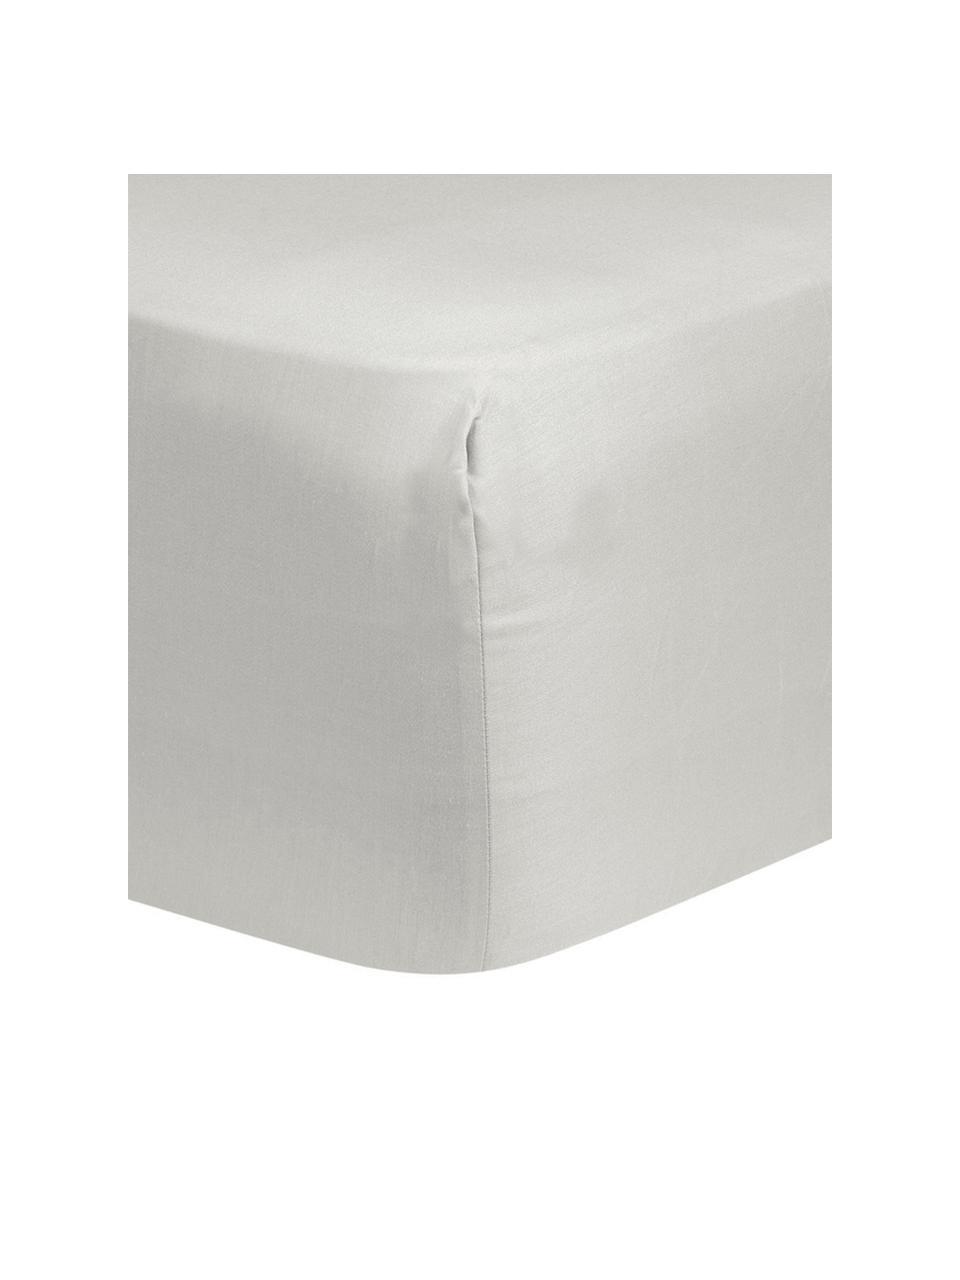 Boxspring-Spannbettlaken Comfort in Hellgrau, Baumwollsatin, Webart: Satin, Hellgrau, 200 x 200 cm